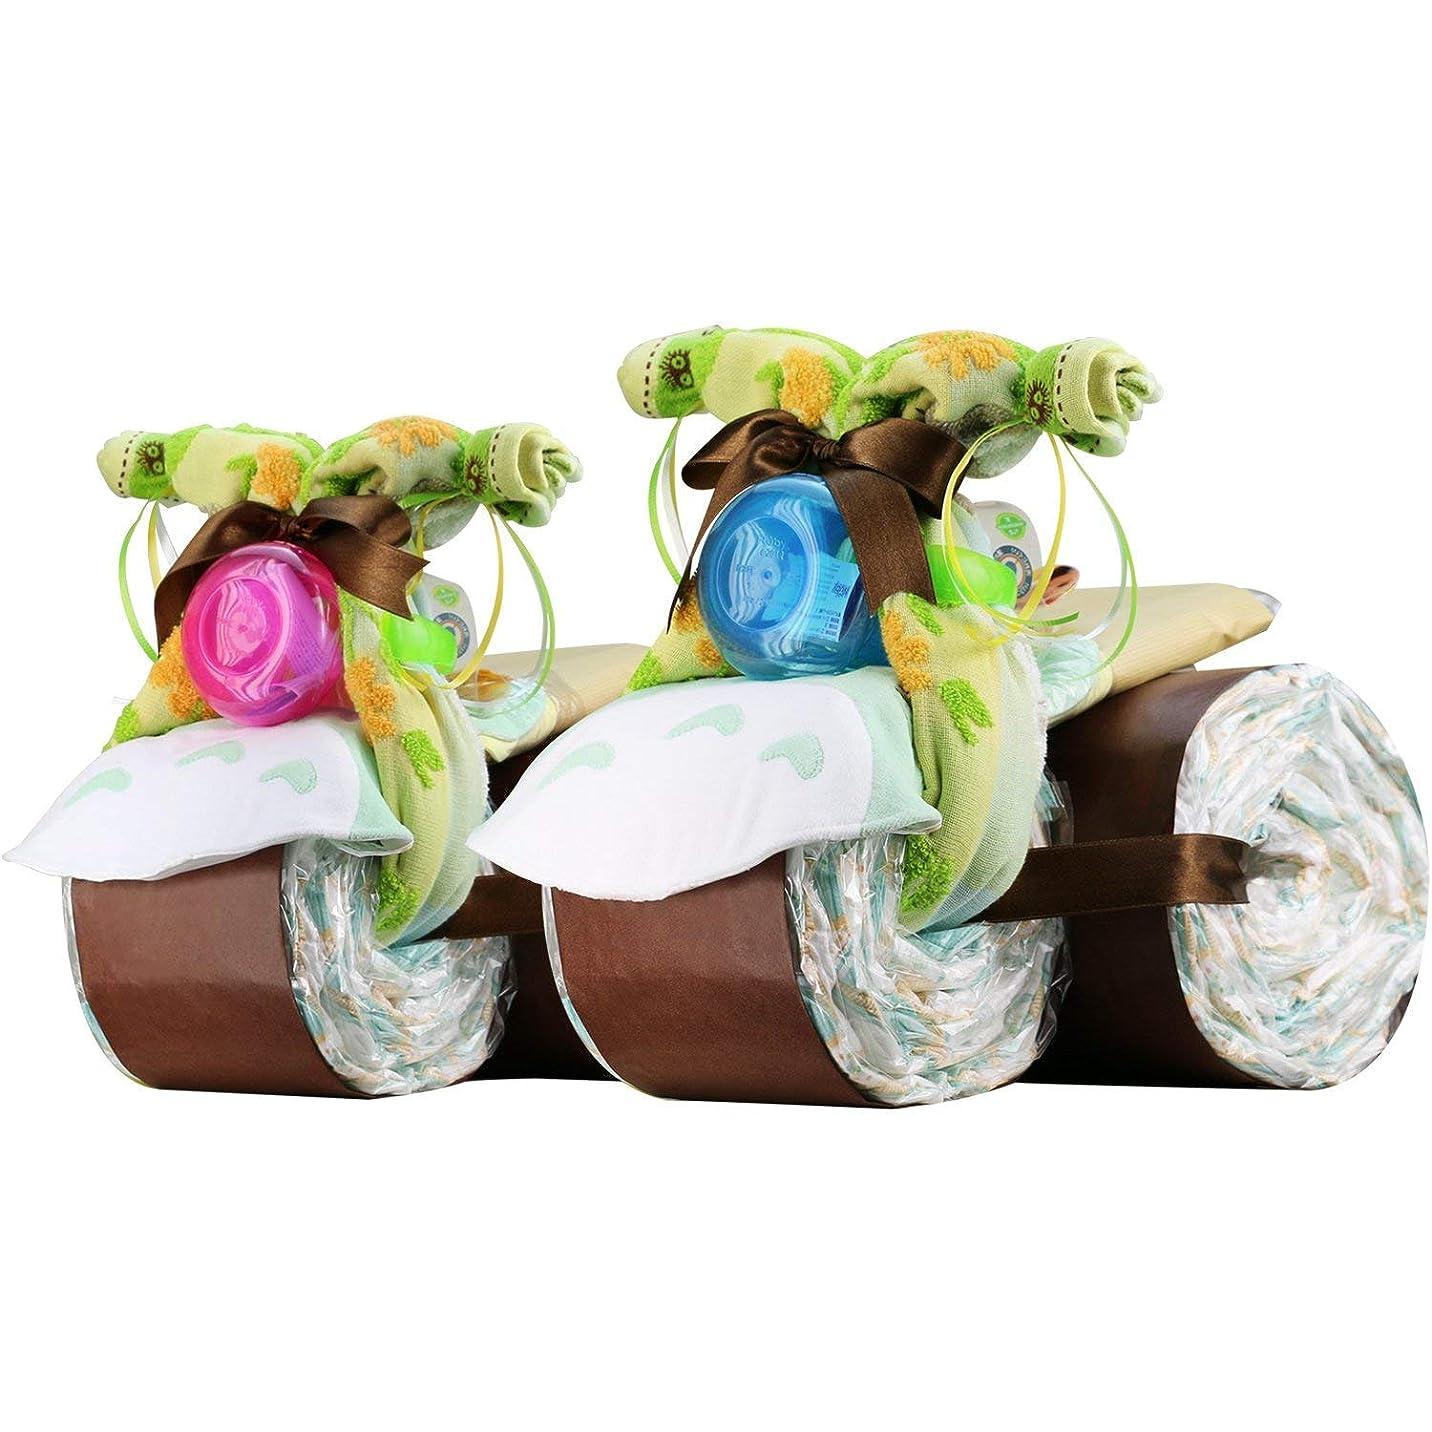 設計図淡いバルセロナスタジオジブリ となりのトトロ おむつバイク 出産祝い おむつケーキ 今治タオル imabari towel Nuby (パンパースパンツタイプMサイズ, 女の子向け(ピンク系))